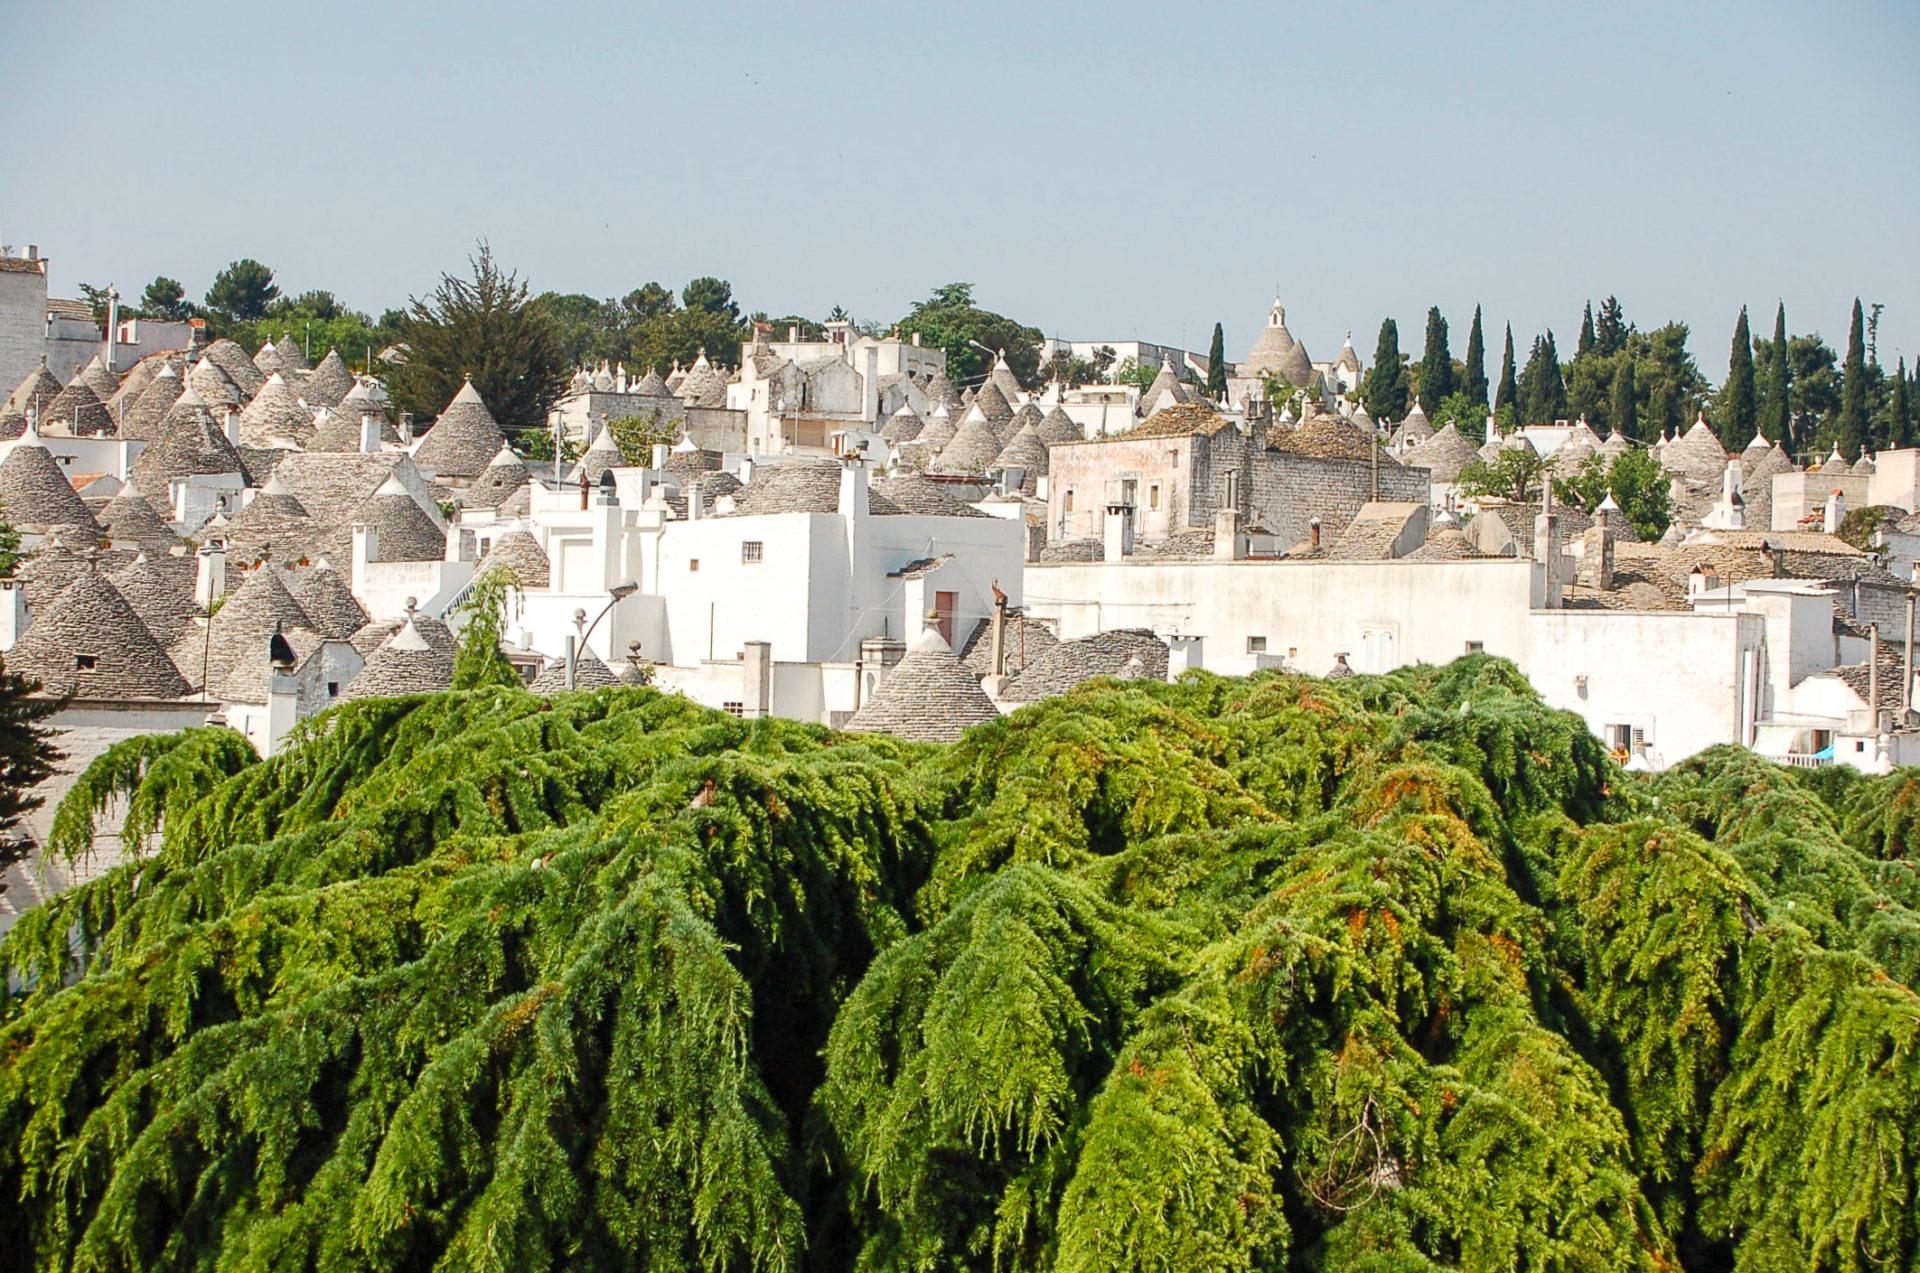 Nadelbäume vor der Kulisse der Trulli von Alberobello in Apulien